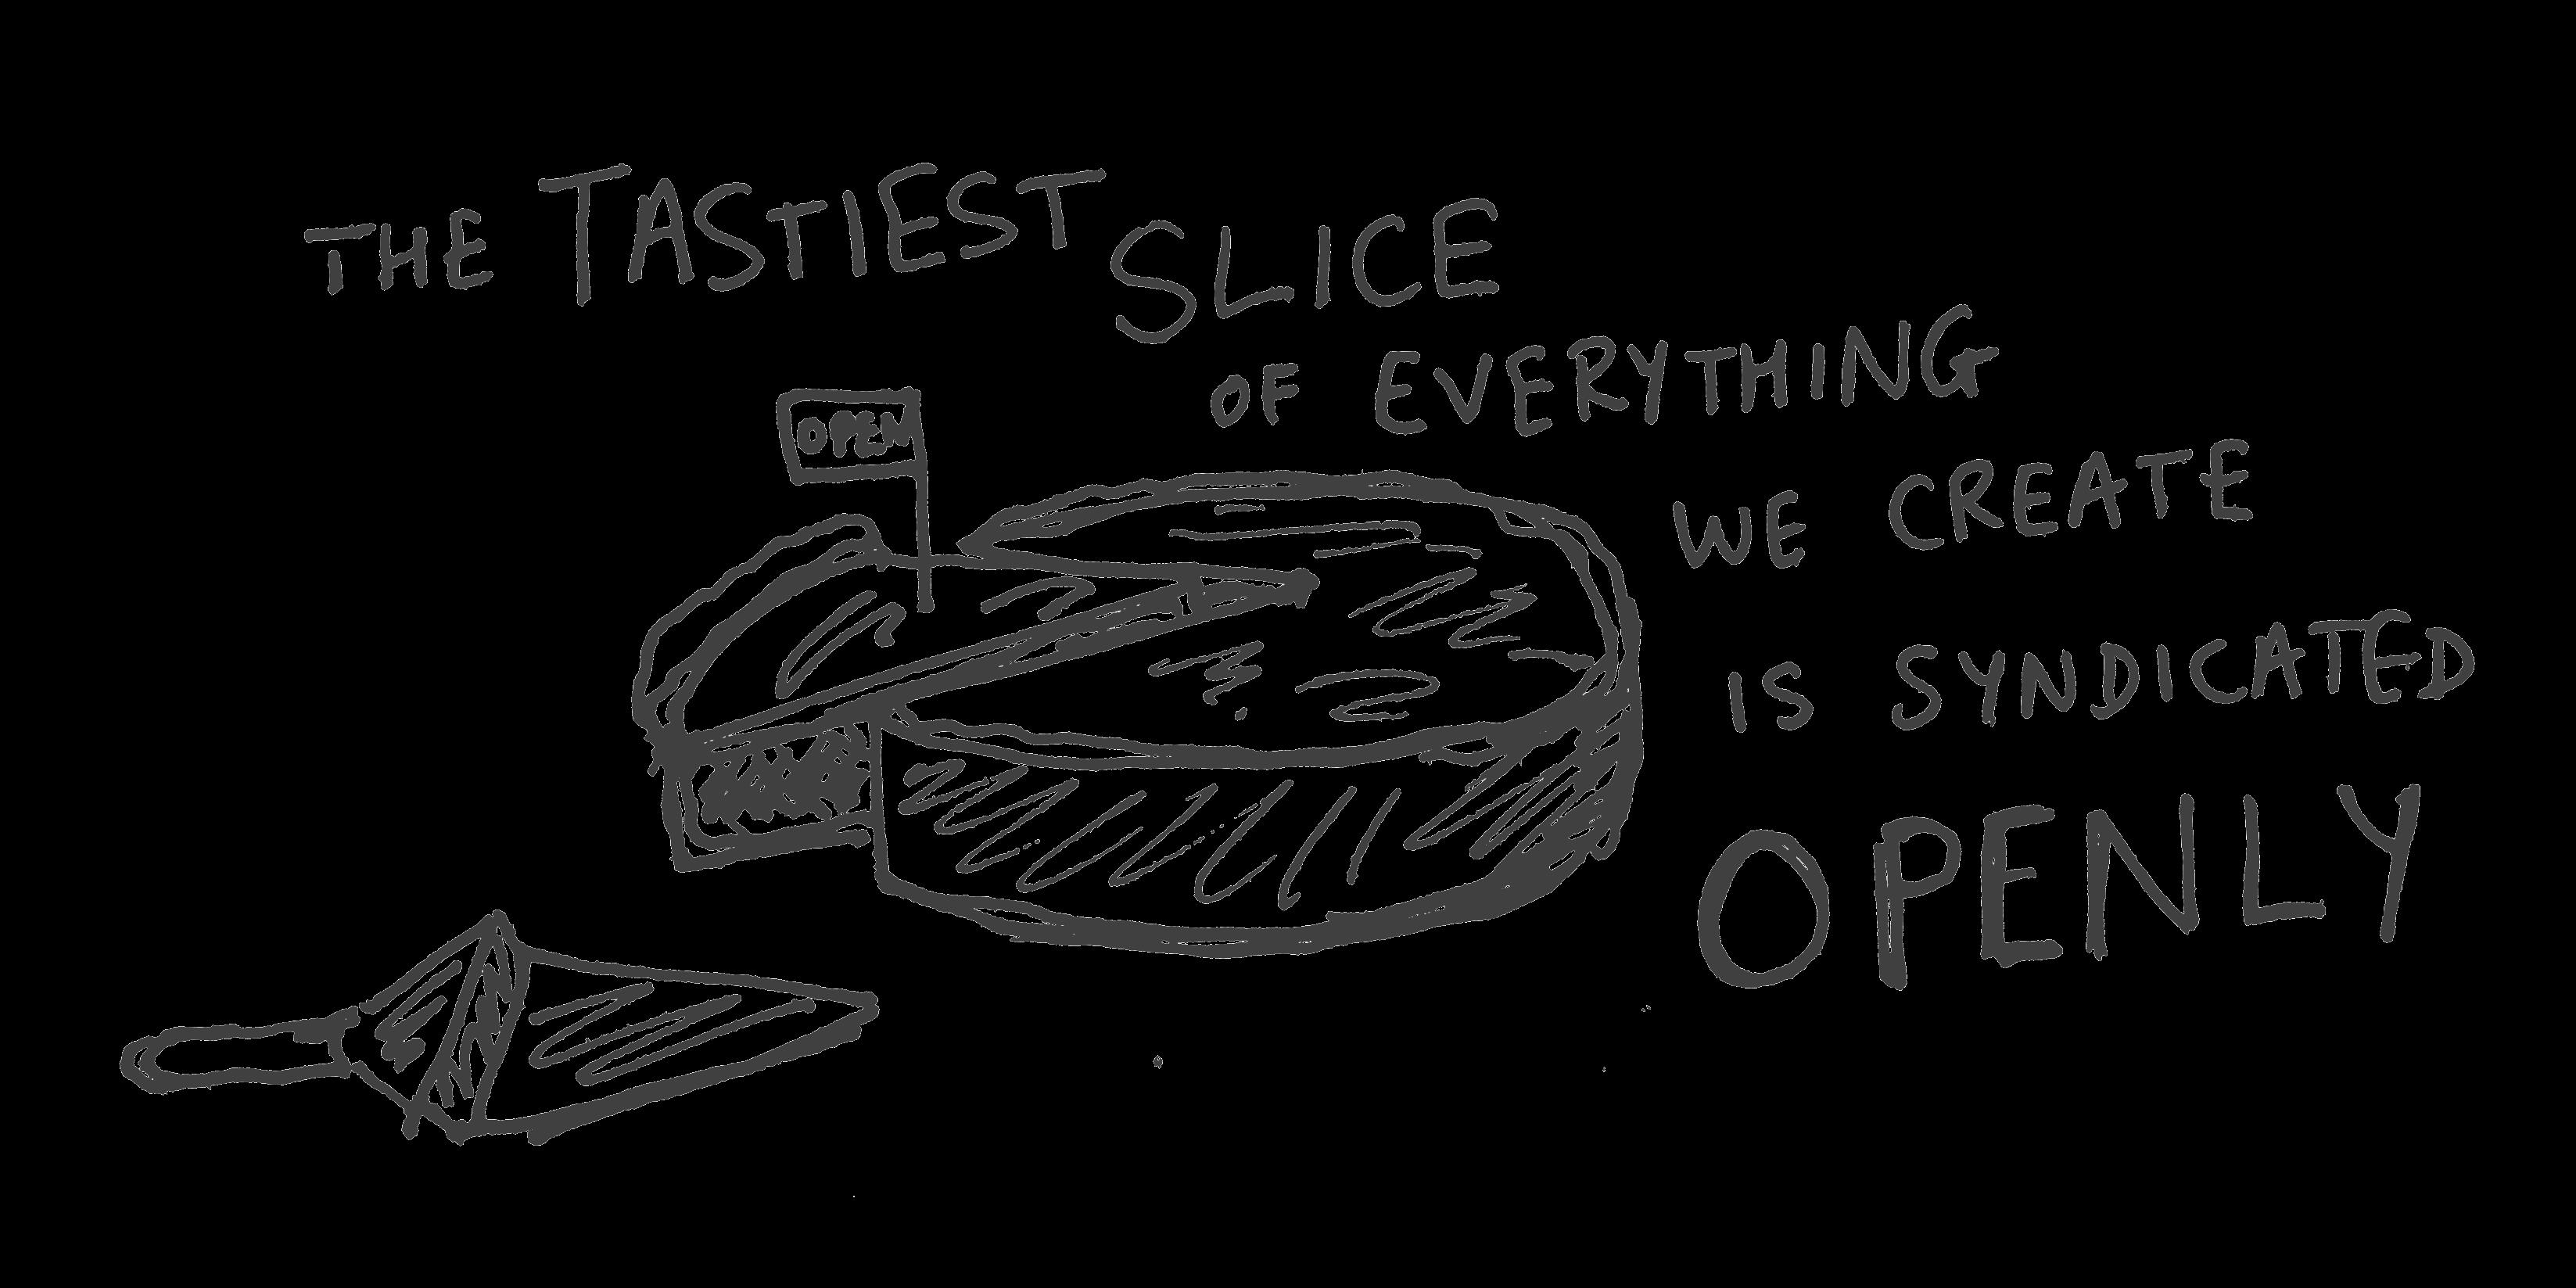 The tastiest slice...